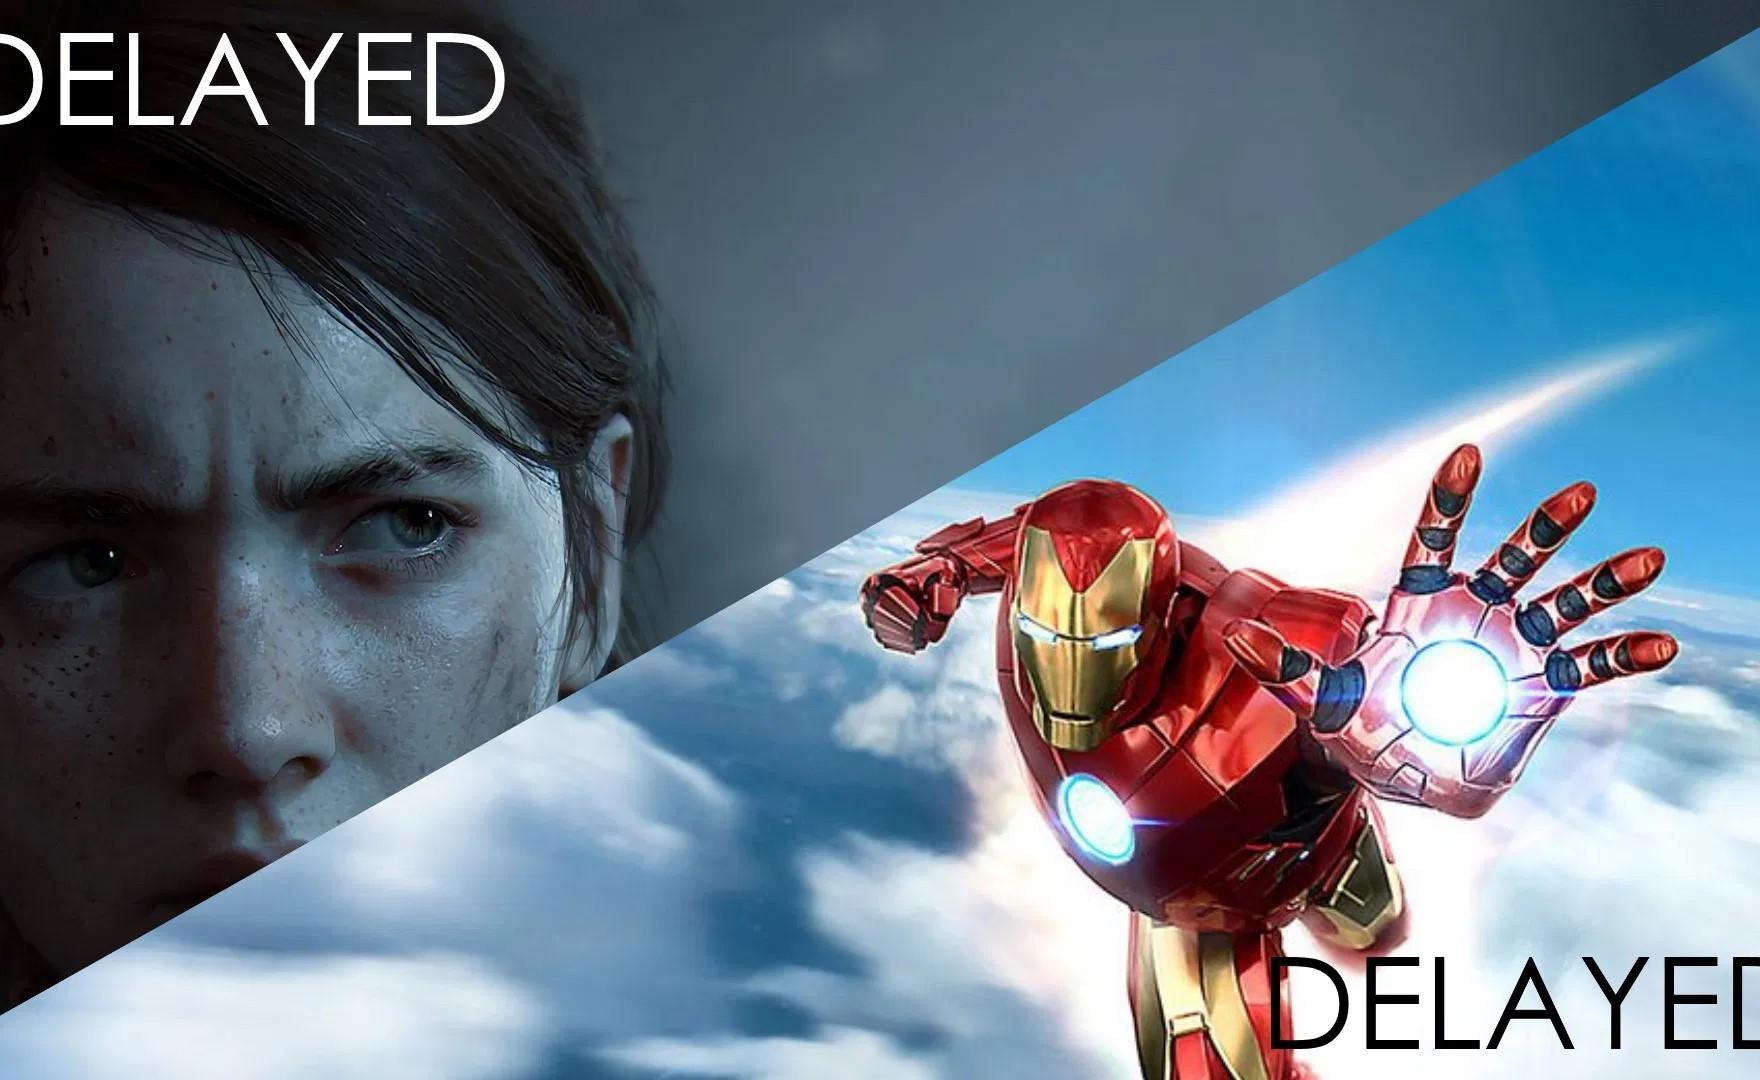 The Last of Us 2 e Iron Man VR: Sony comunica che i preordini fatti sul PS Store saranno rimborsati